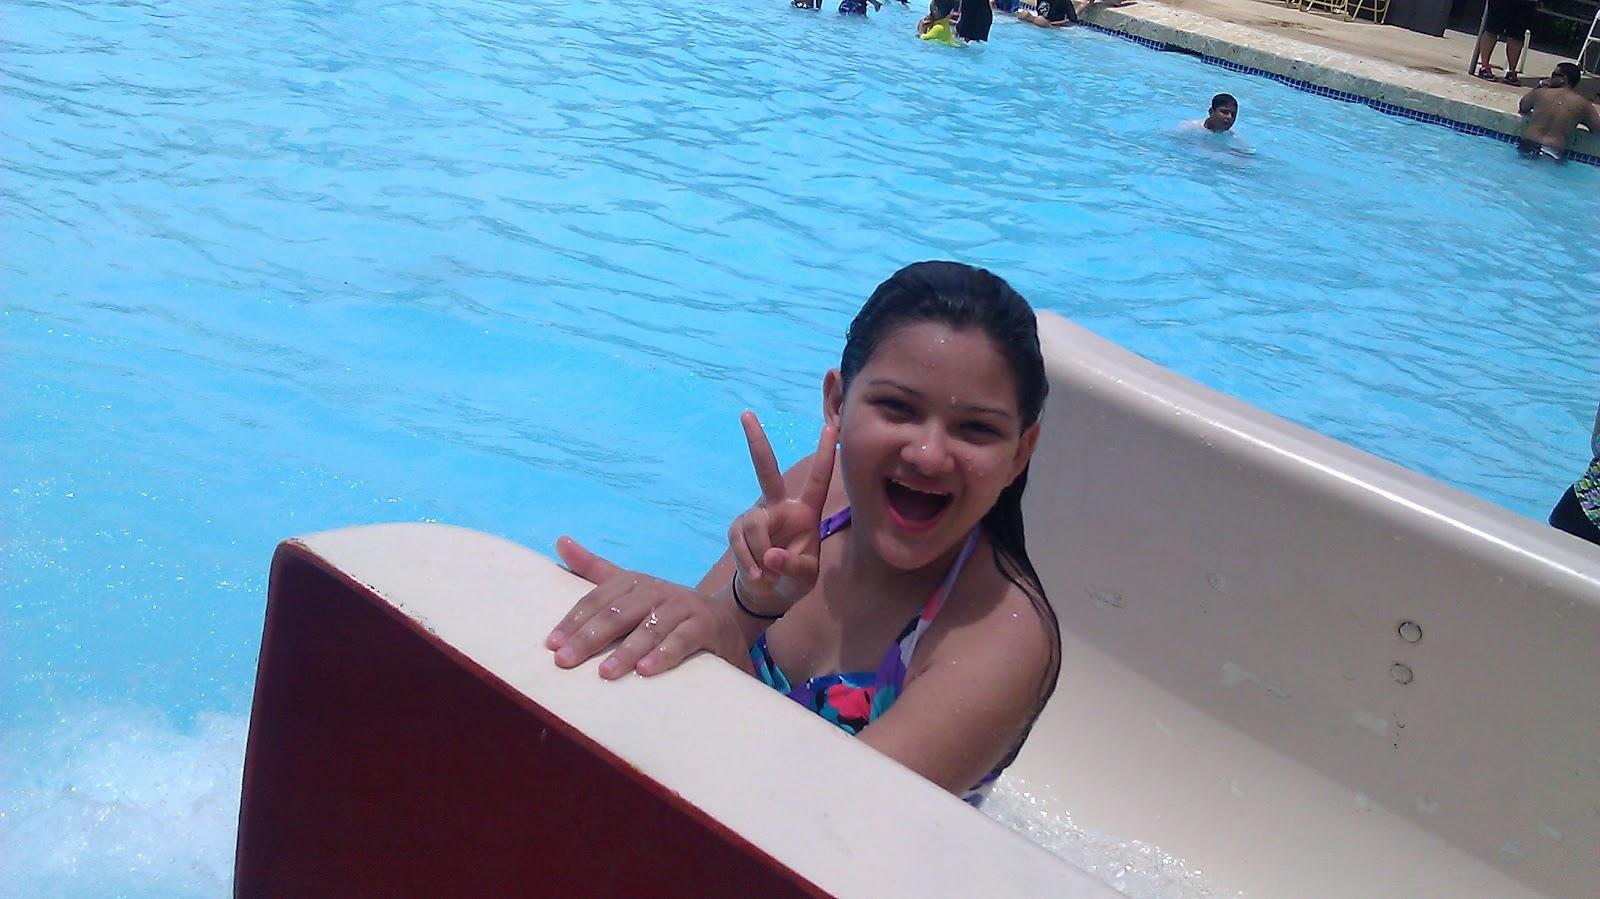 Aprendizaje divertido disfrutando el verano en la piscina for Follando el la piscina